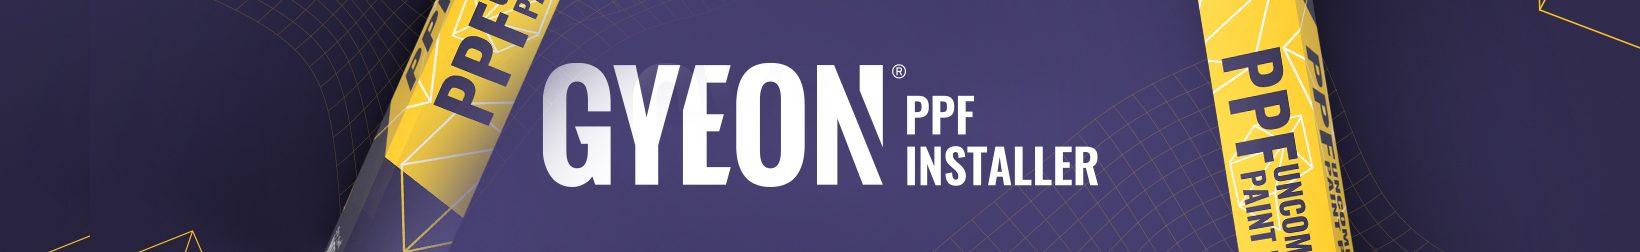 GYEON- PPF Installer